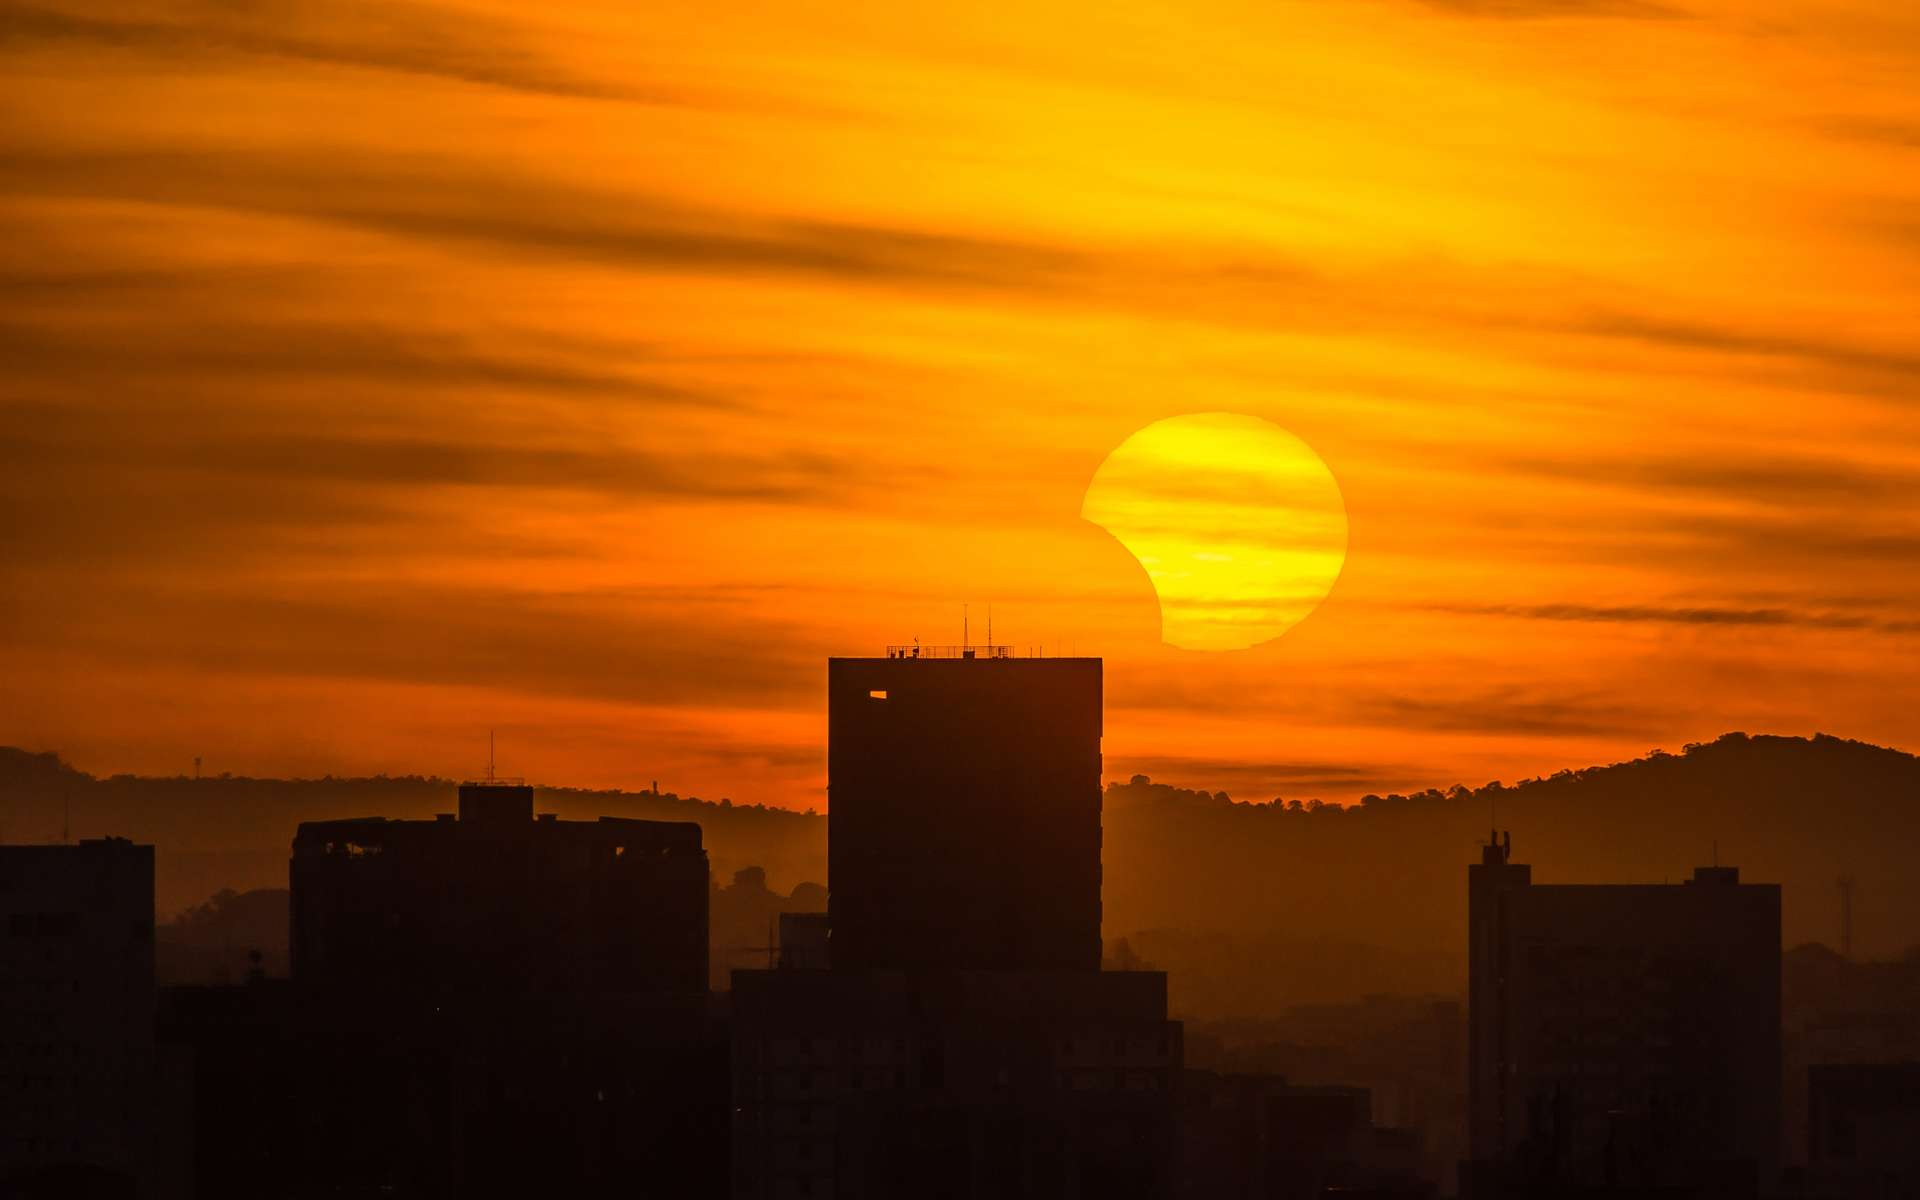 Une éclipse partielle du Soleil sera visible en France le 10 juin : comment l'observer ?